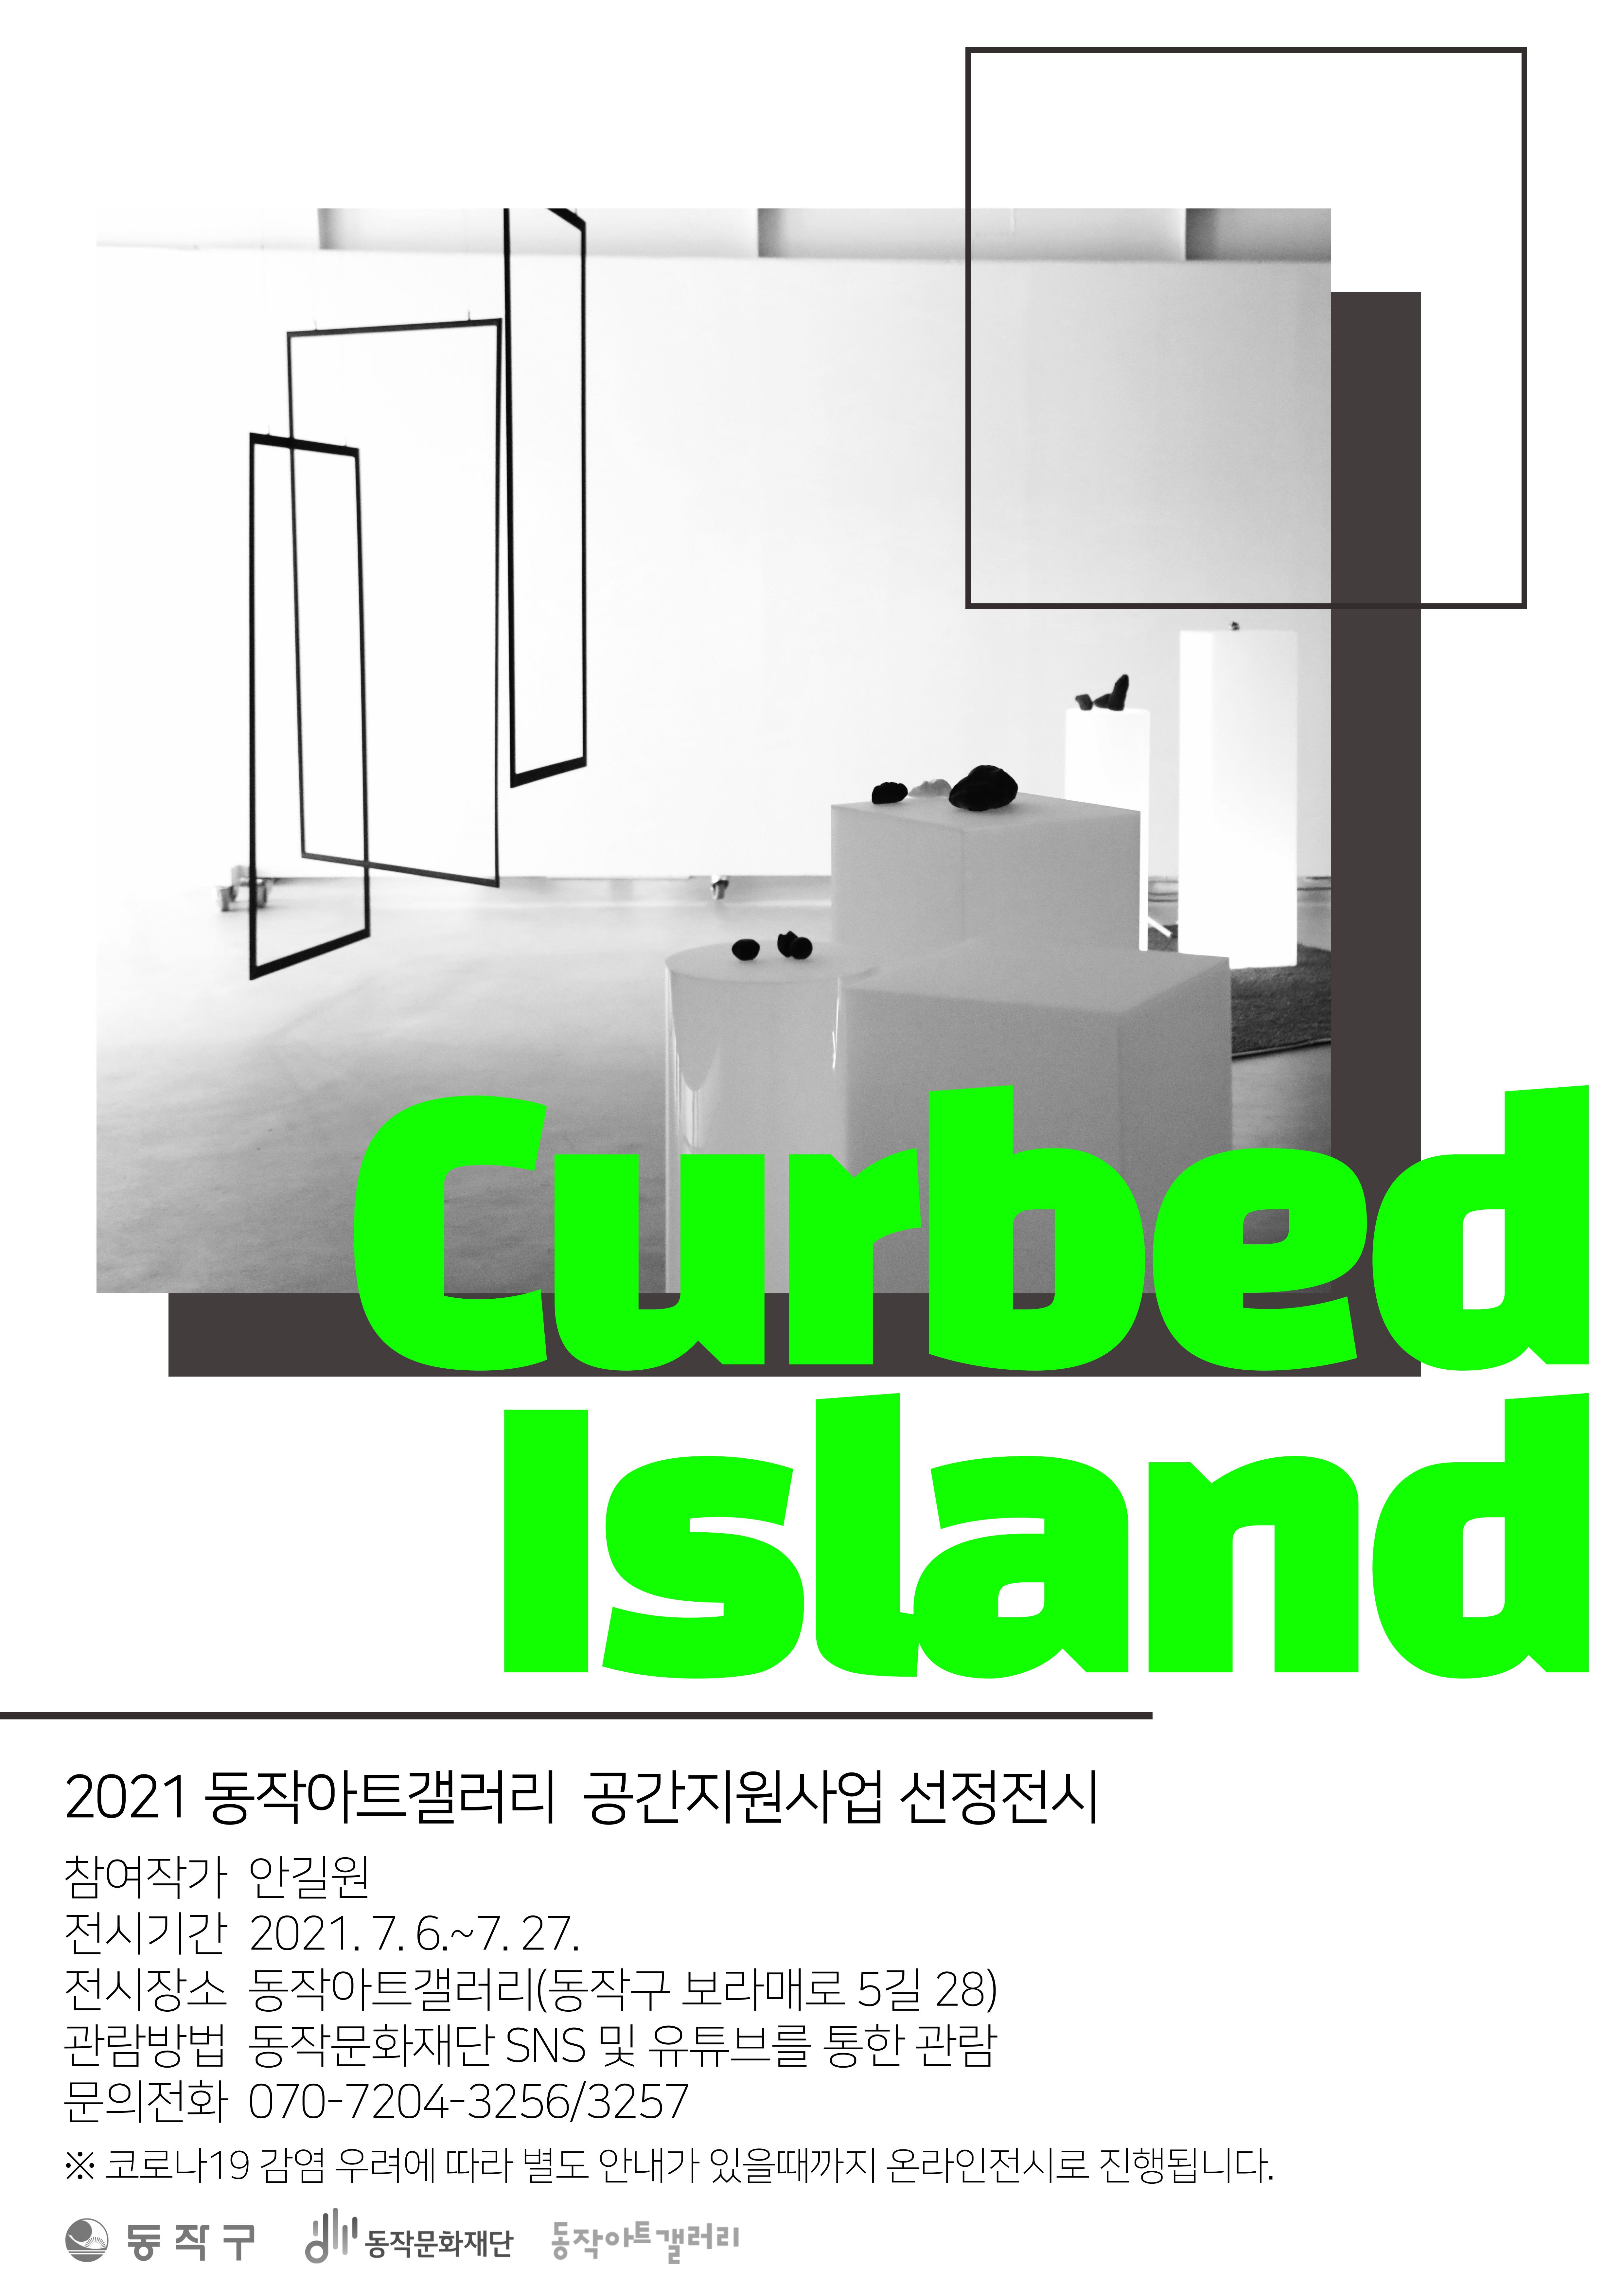 2021 동작아트갤러리 공간지원사업